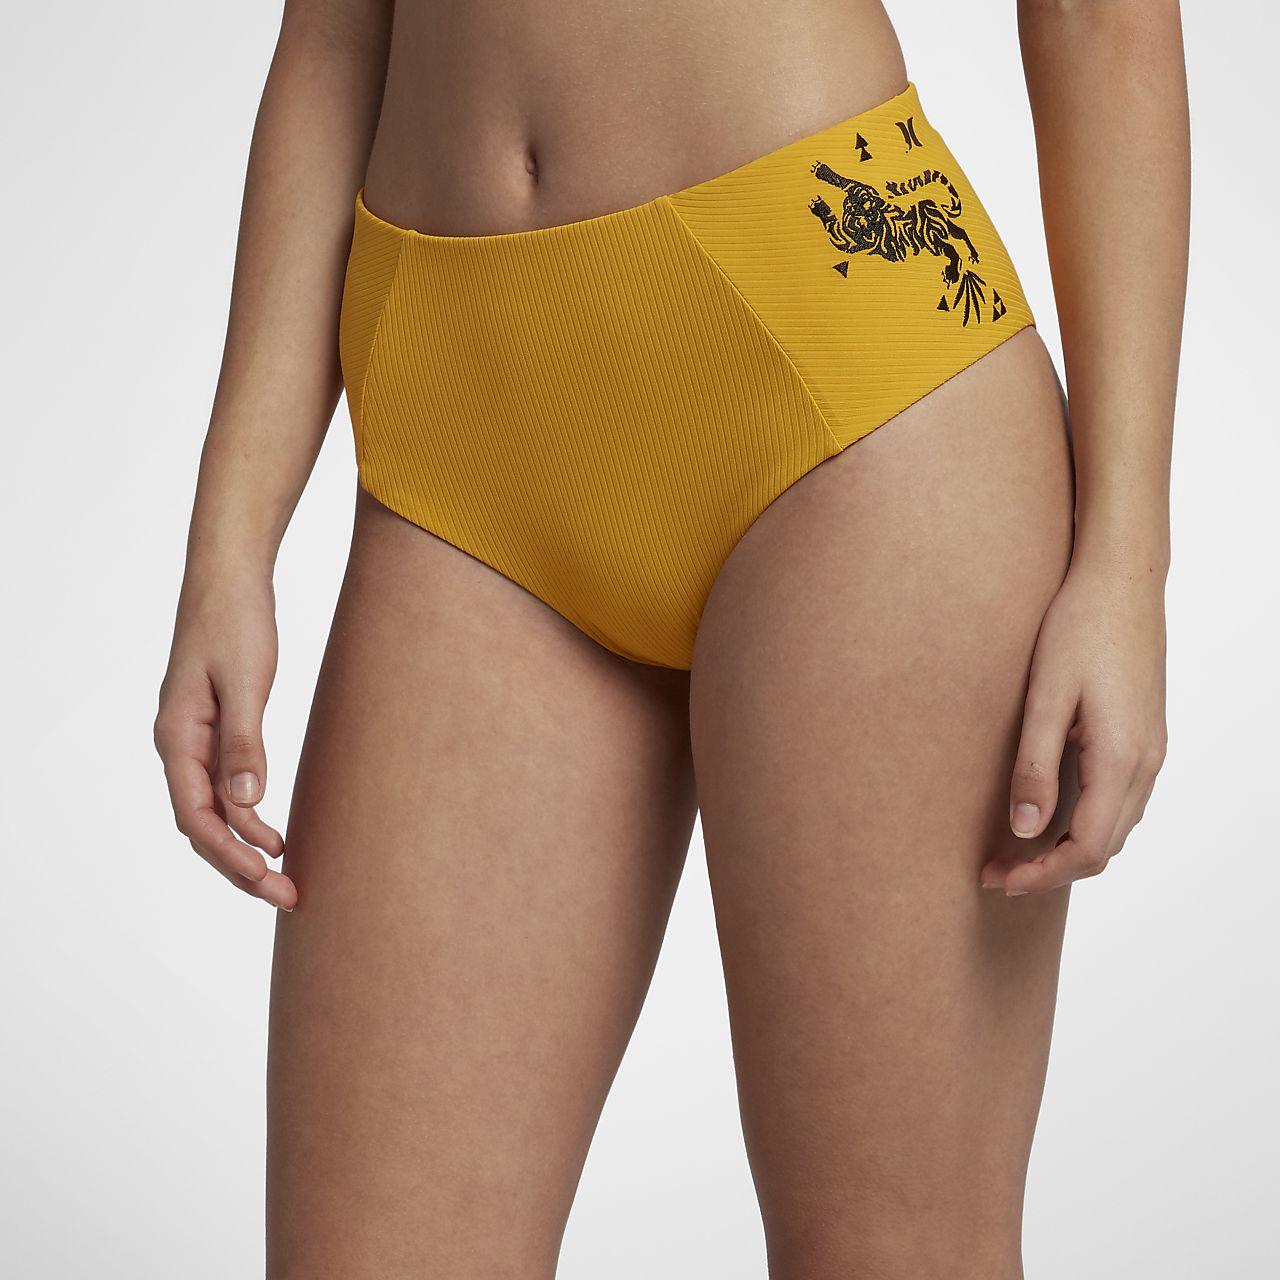 Hurley Quick Dry Embroidered Damen-Surfhose mit hohem Taillenbund